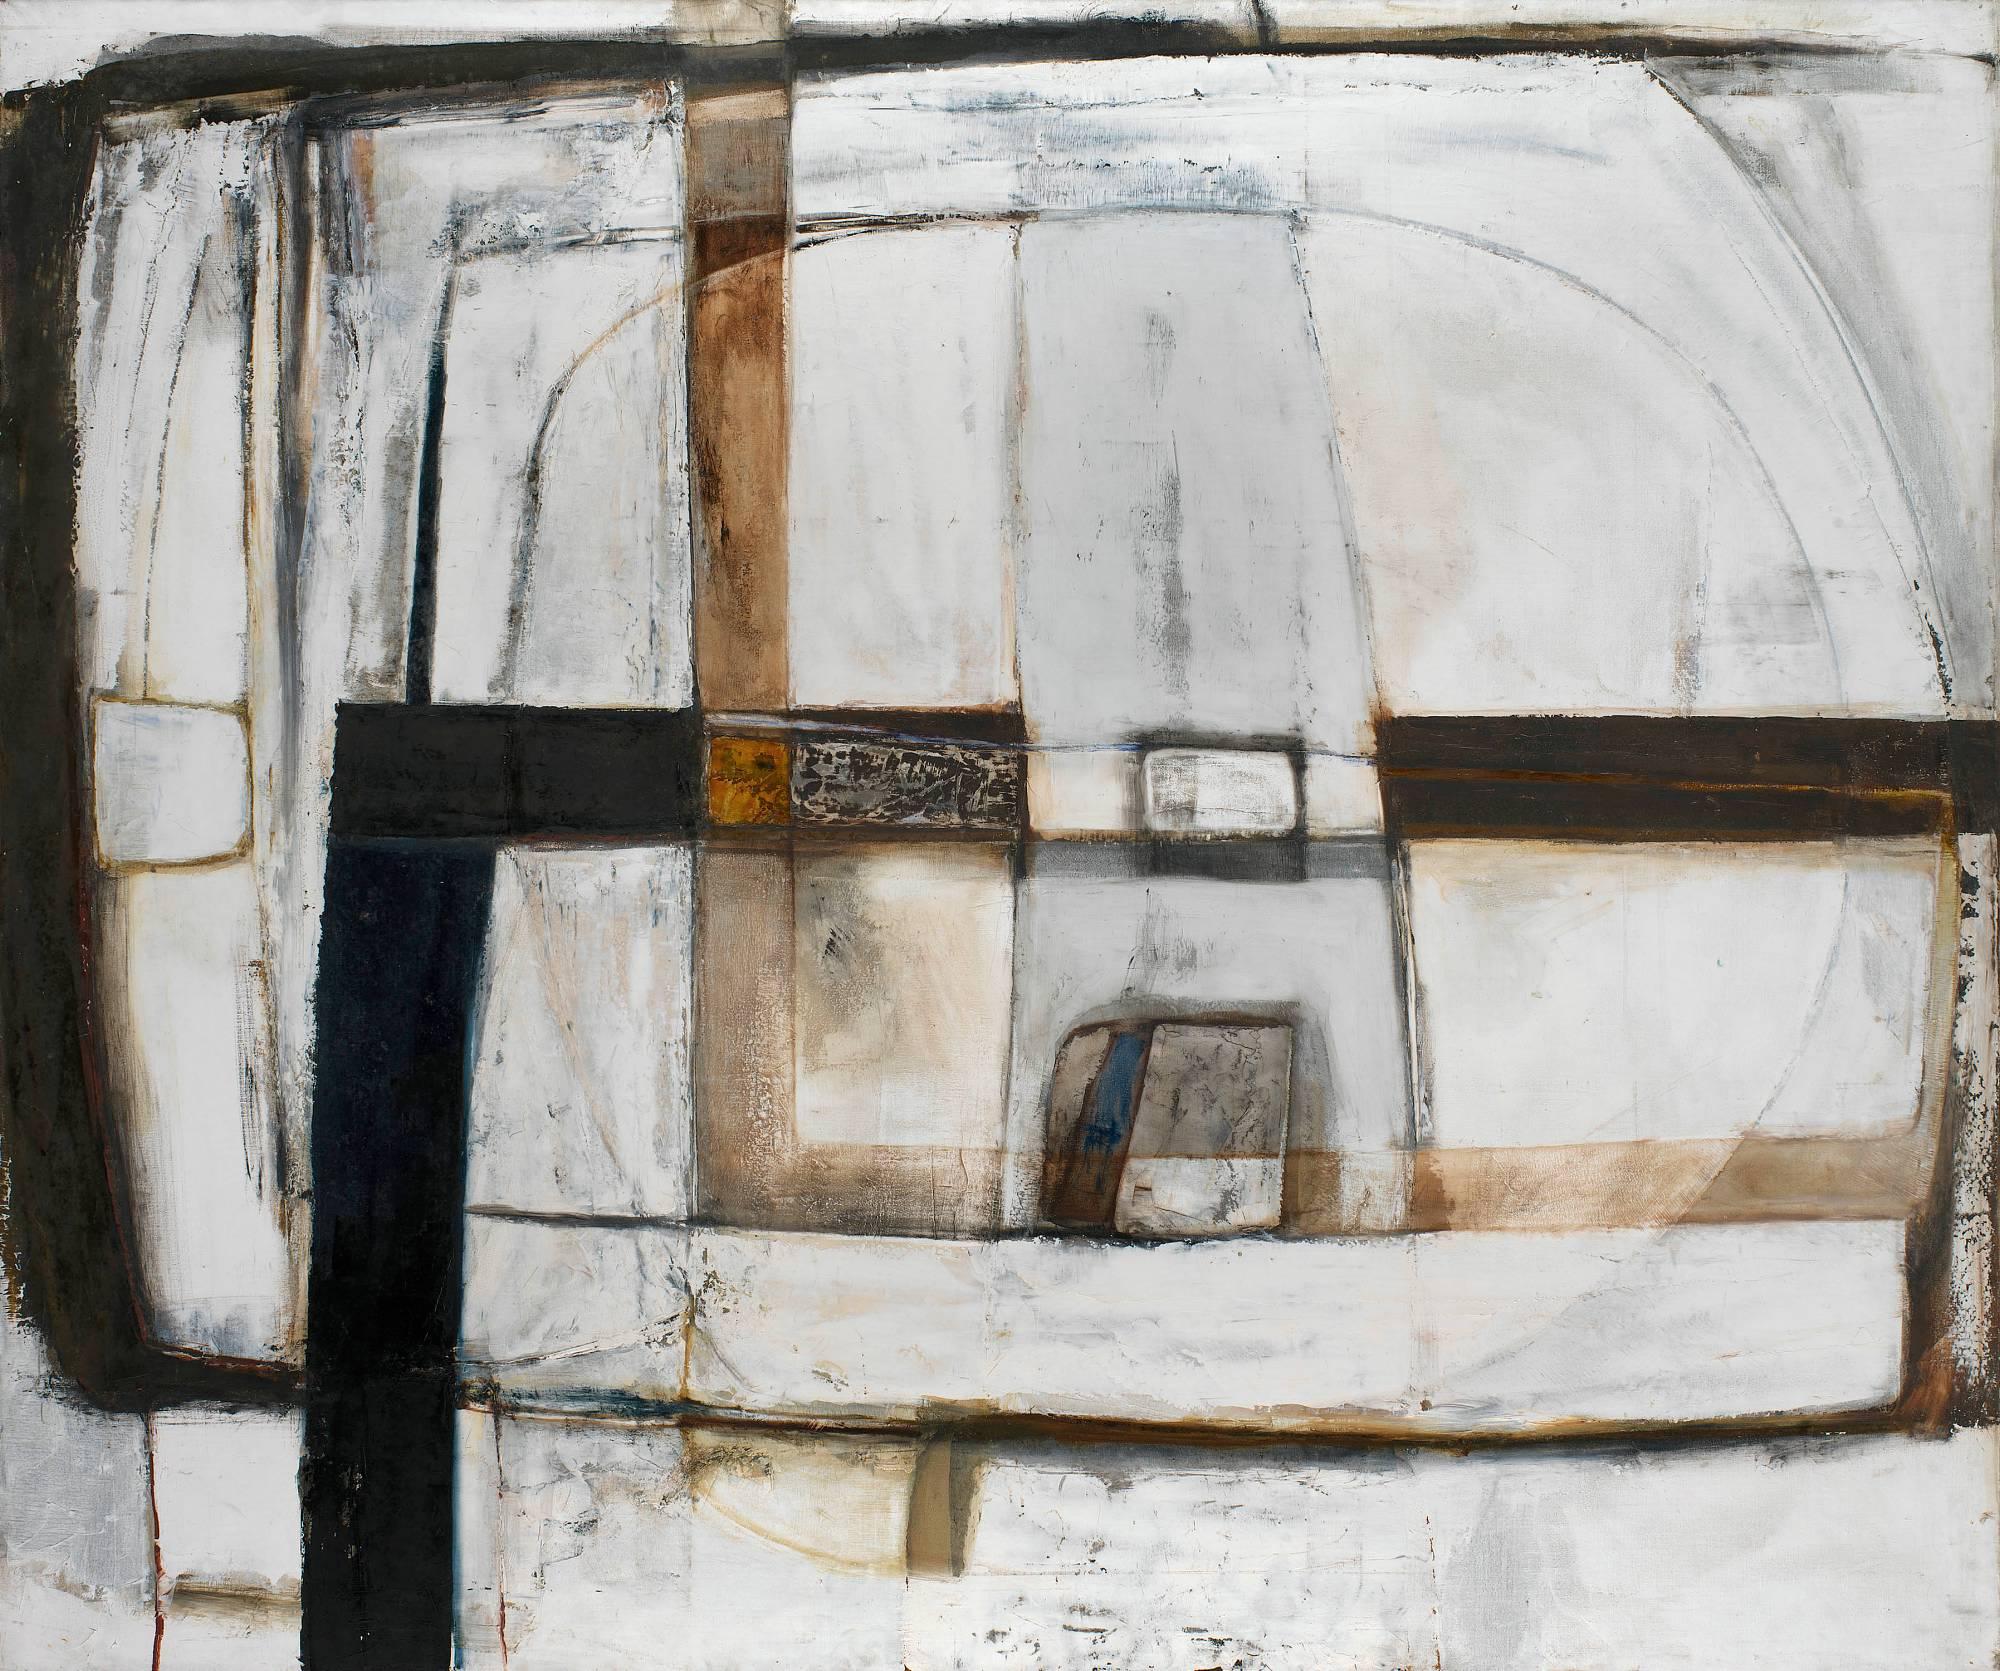 Paul Feiler Grey Receding (1962), Paul Feiler, in PAUL FEILER. The Redfern Gallery